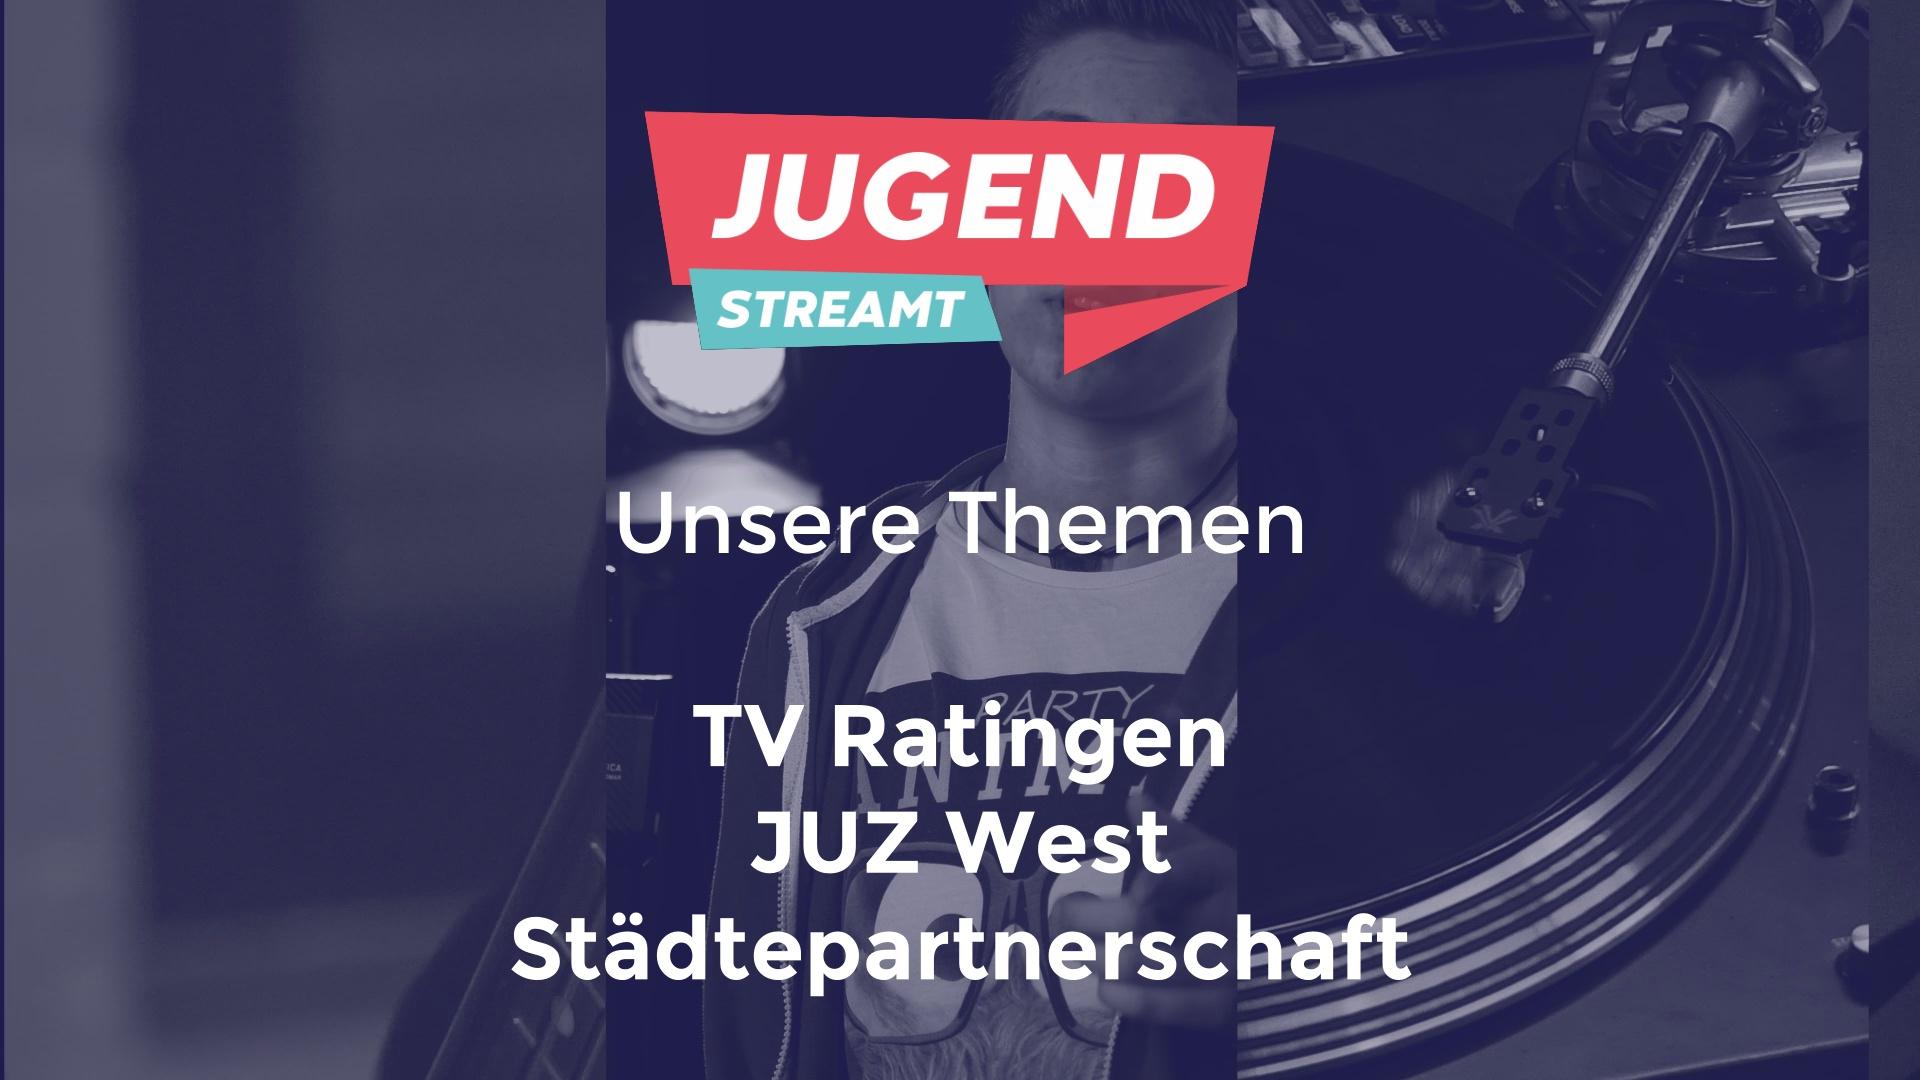 jkj-2020-jugenkulturjahr-ratingen-jugend-streamt-livesendung-11.06.2020